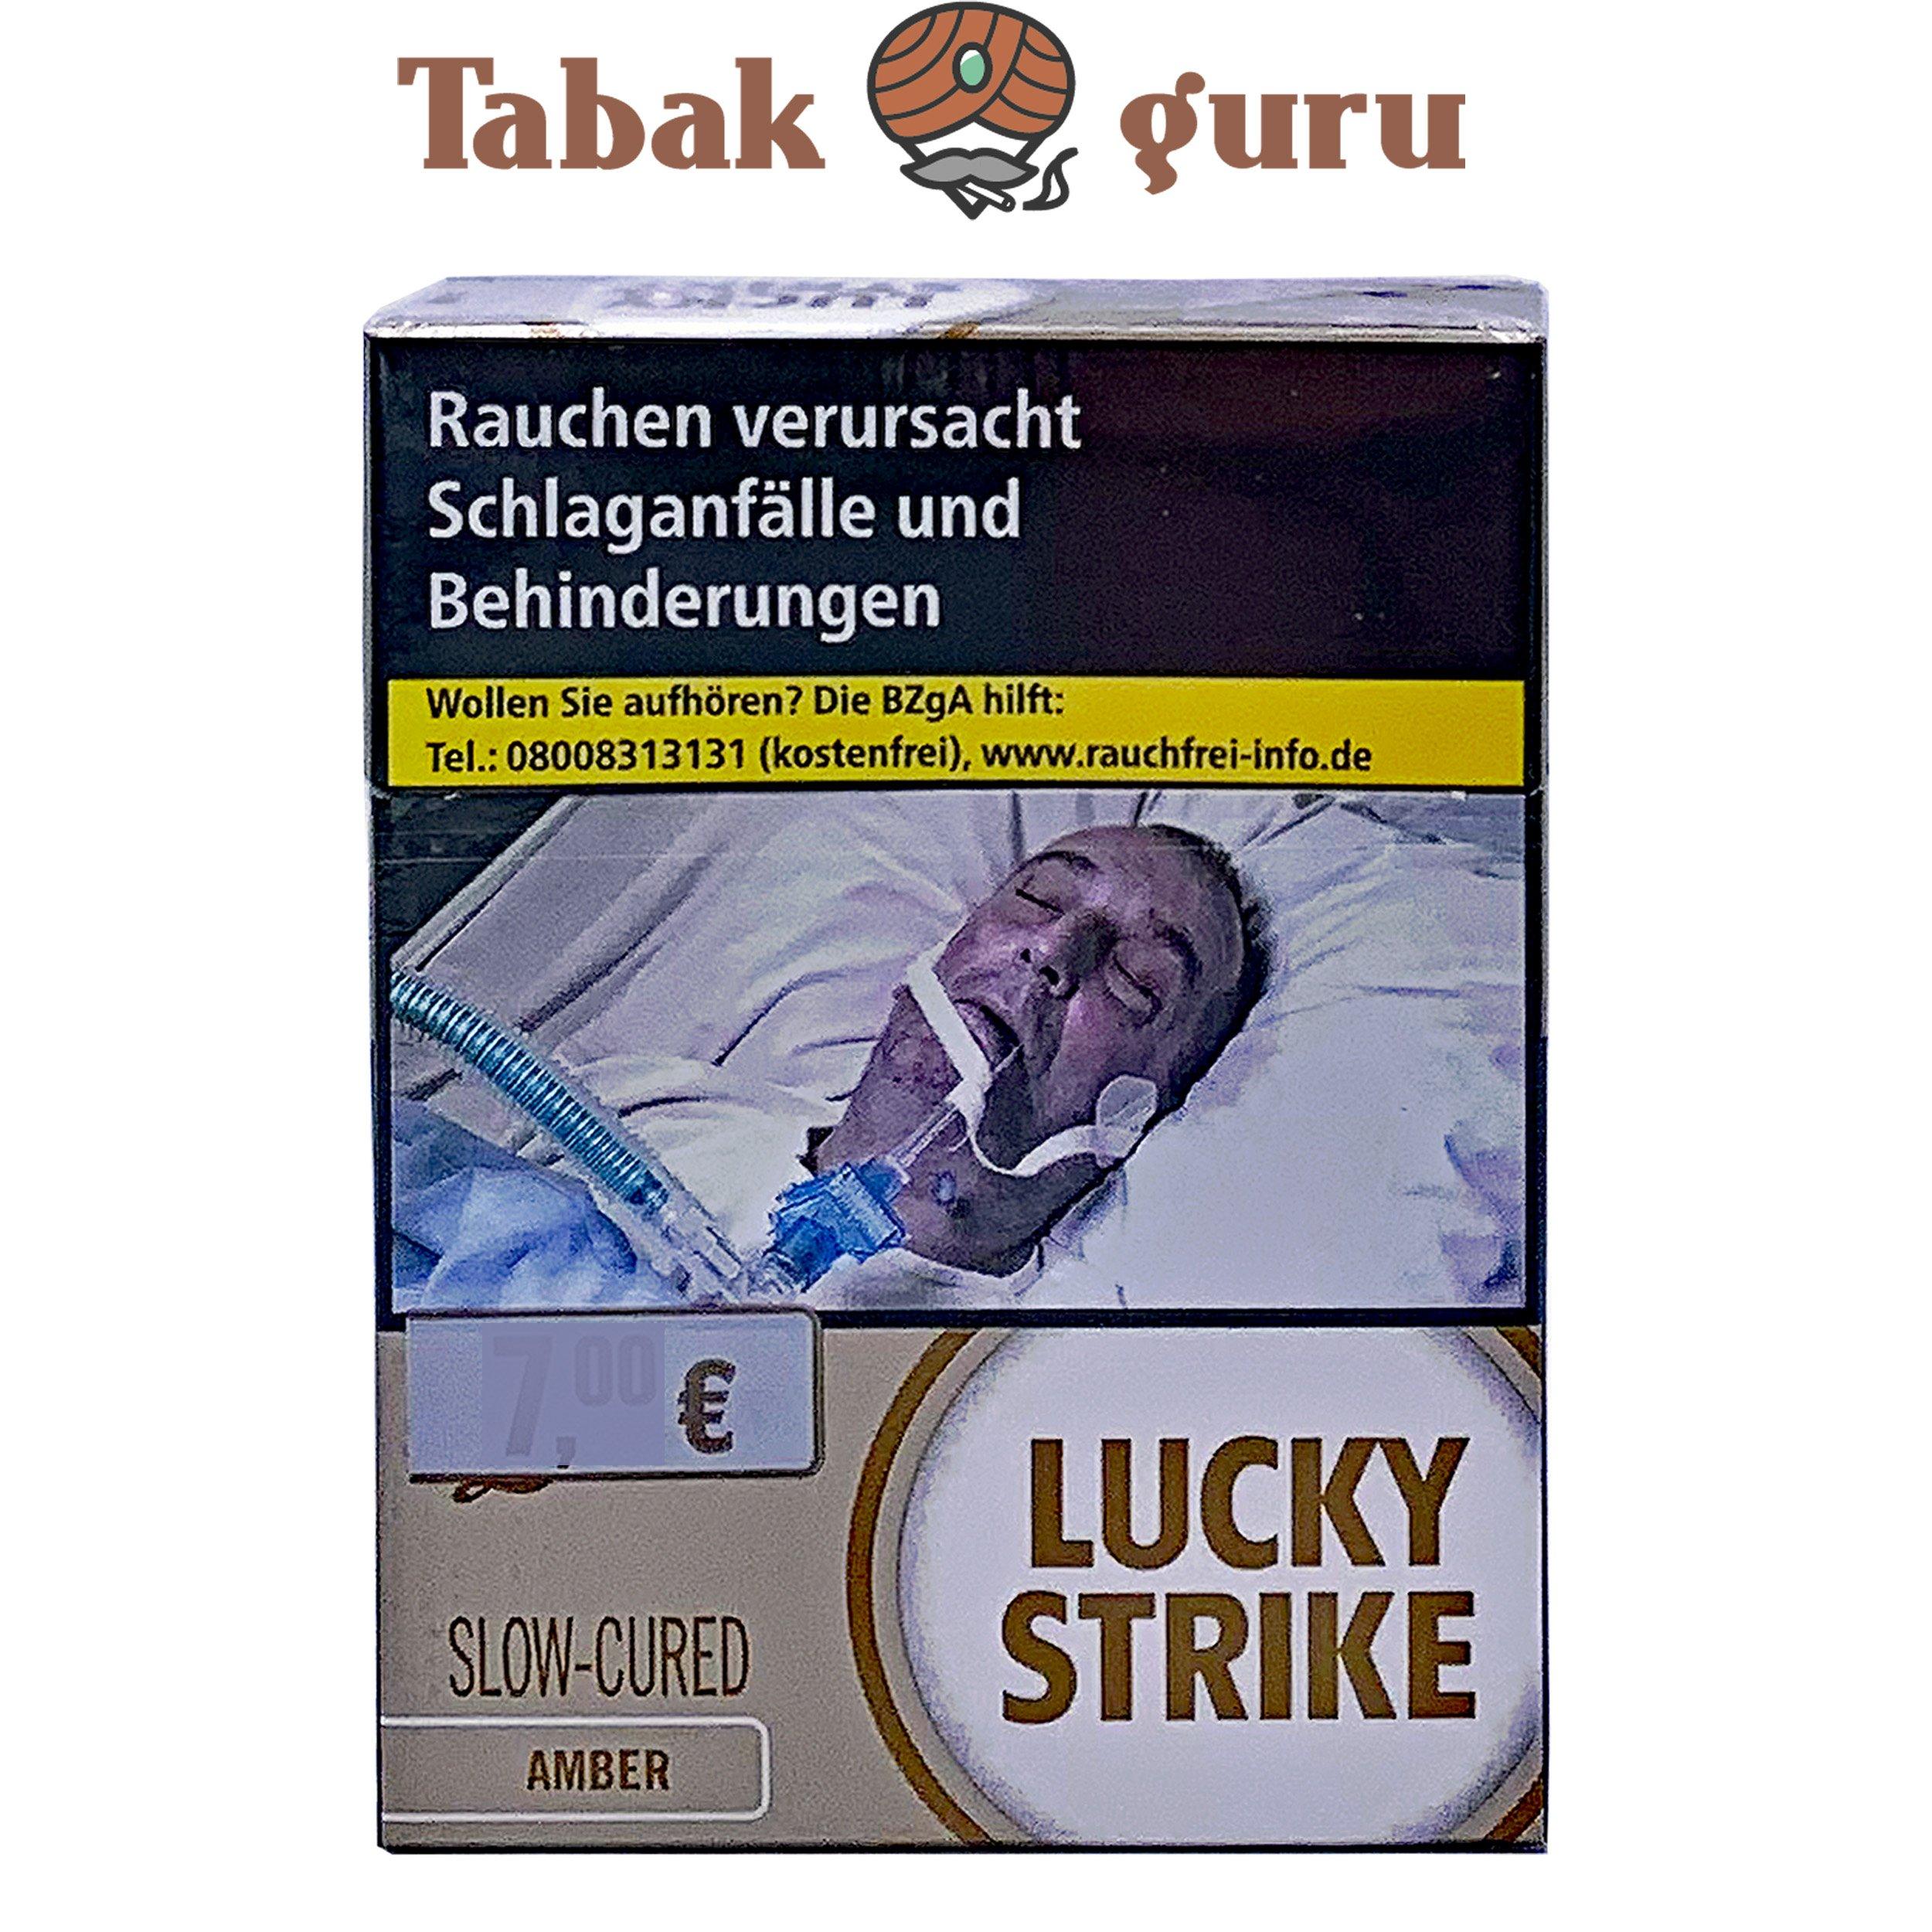 Lucky Strike Amber Zigaretten Super Box Inhalt 39 Stück